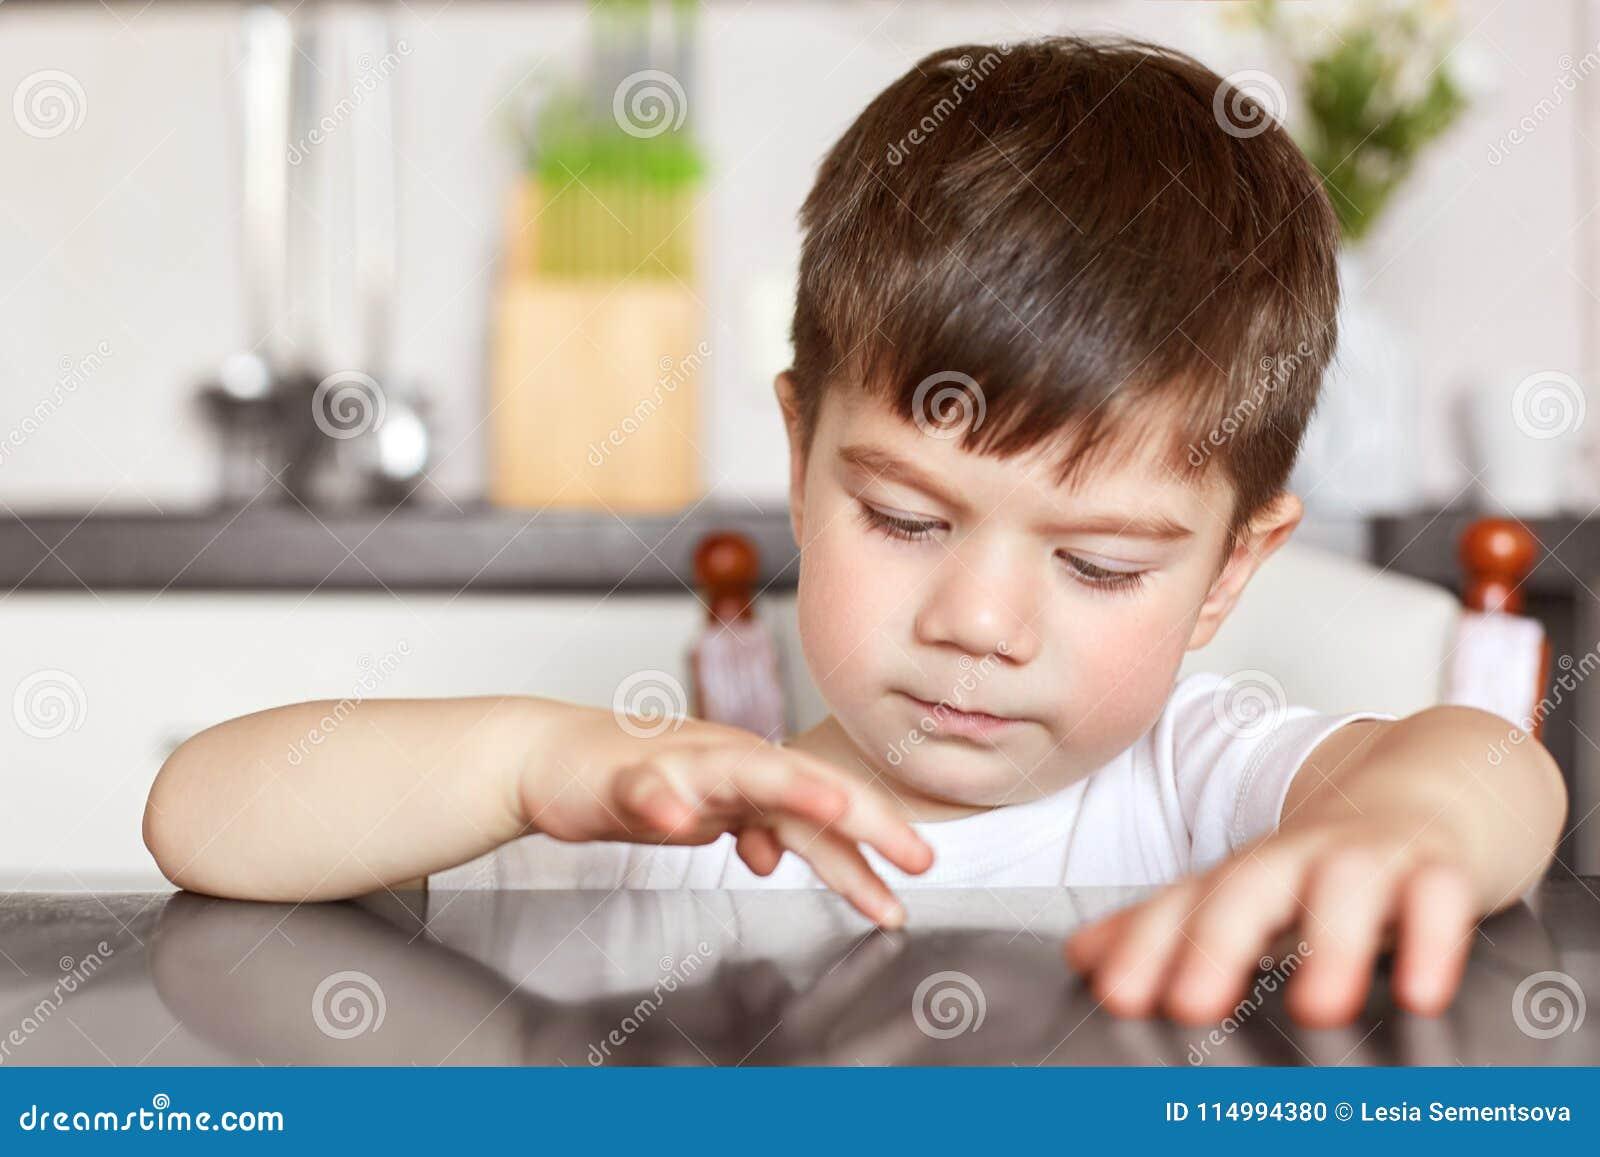 Le tir horizontal de l enfant masculin châtain bel touche la table de cuisine, étant curieux, se sent ennuyé et affamé tandis que